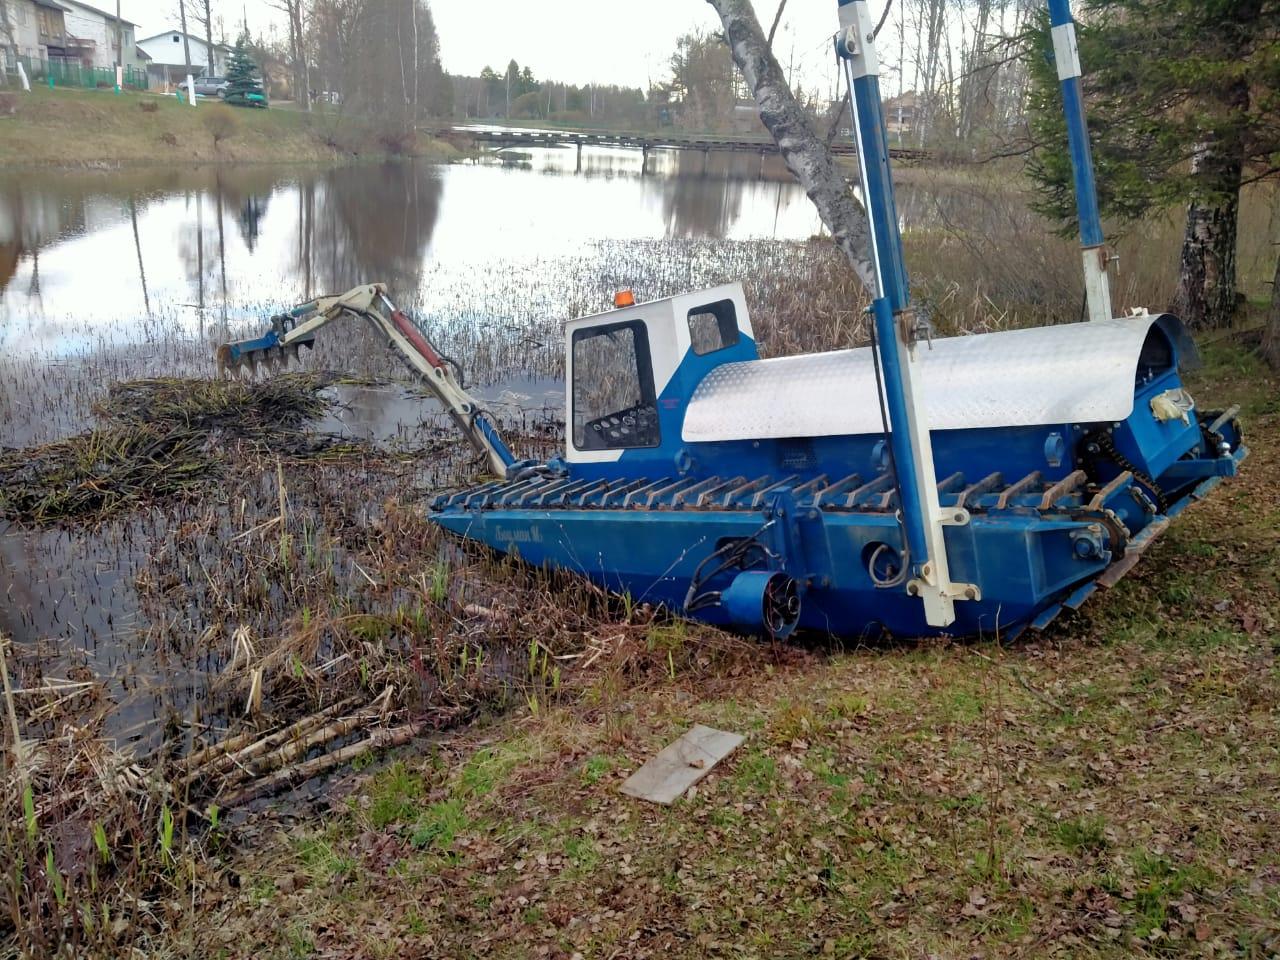 Земснаряд, который утонул во время работы в Тверской области, снова на плаву